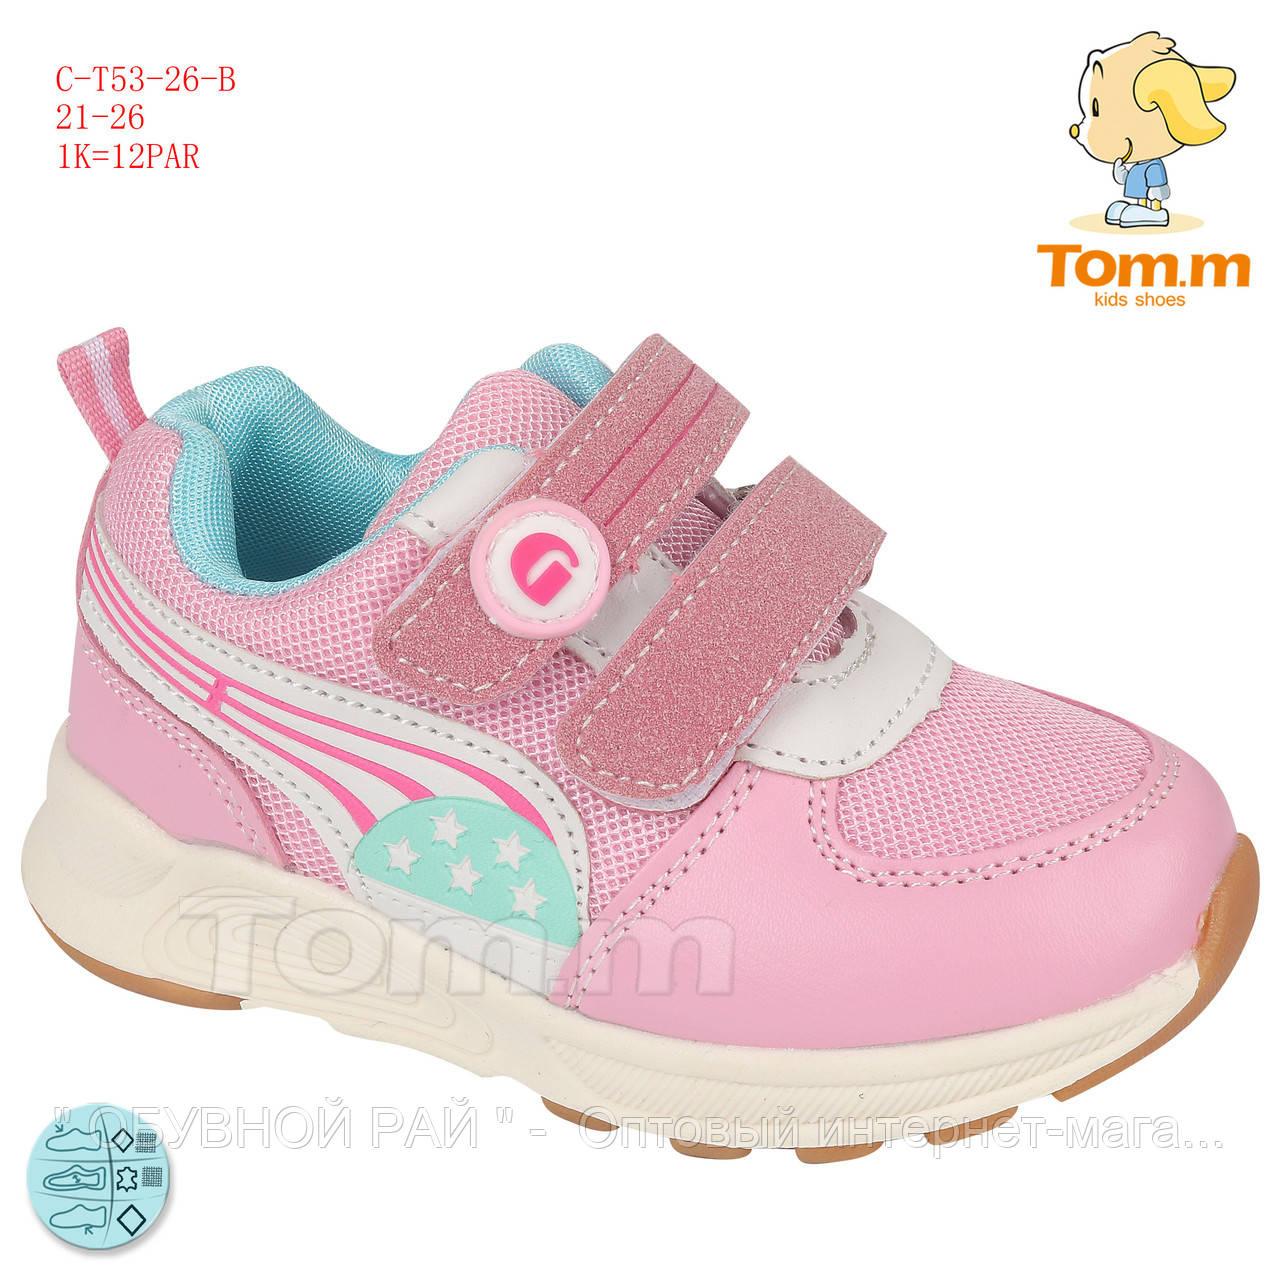 62ce5bc4d Детская обувь оптом. Детские кроссовки для девочек от ТМ. TOM.M (рр ...